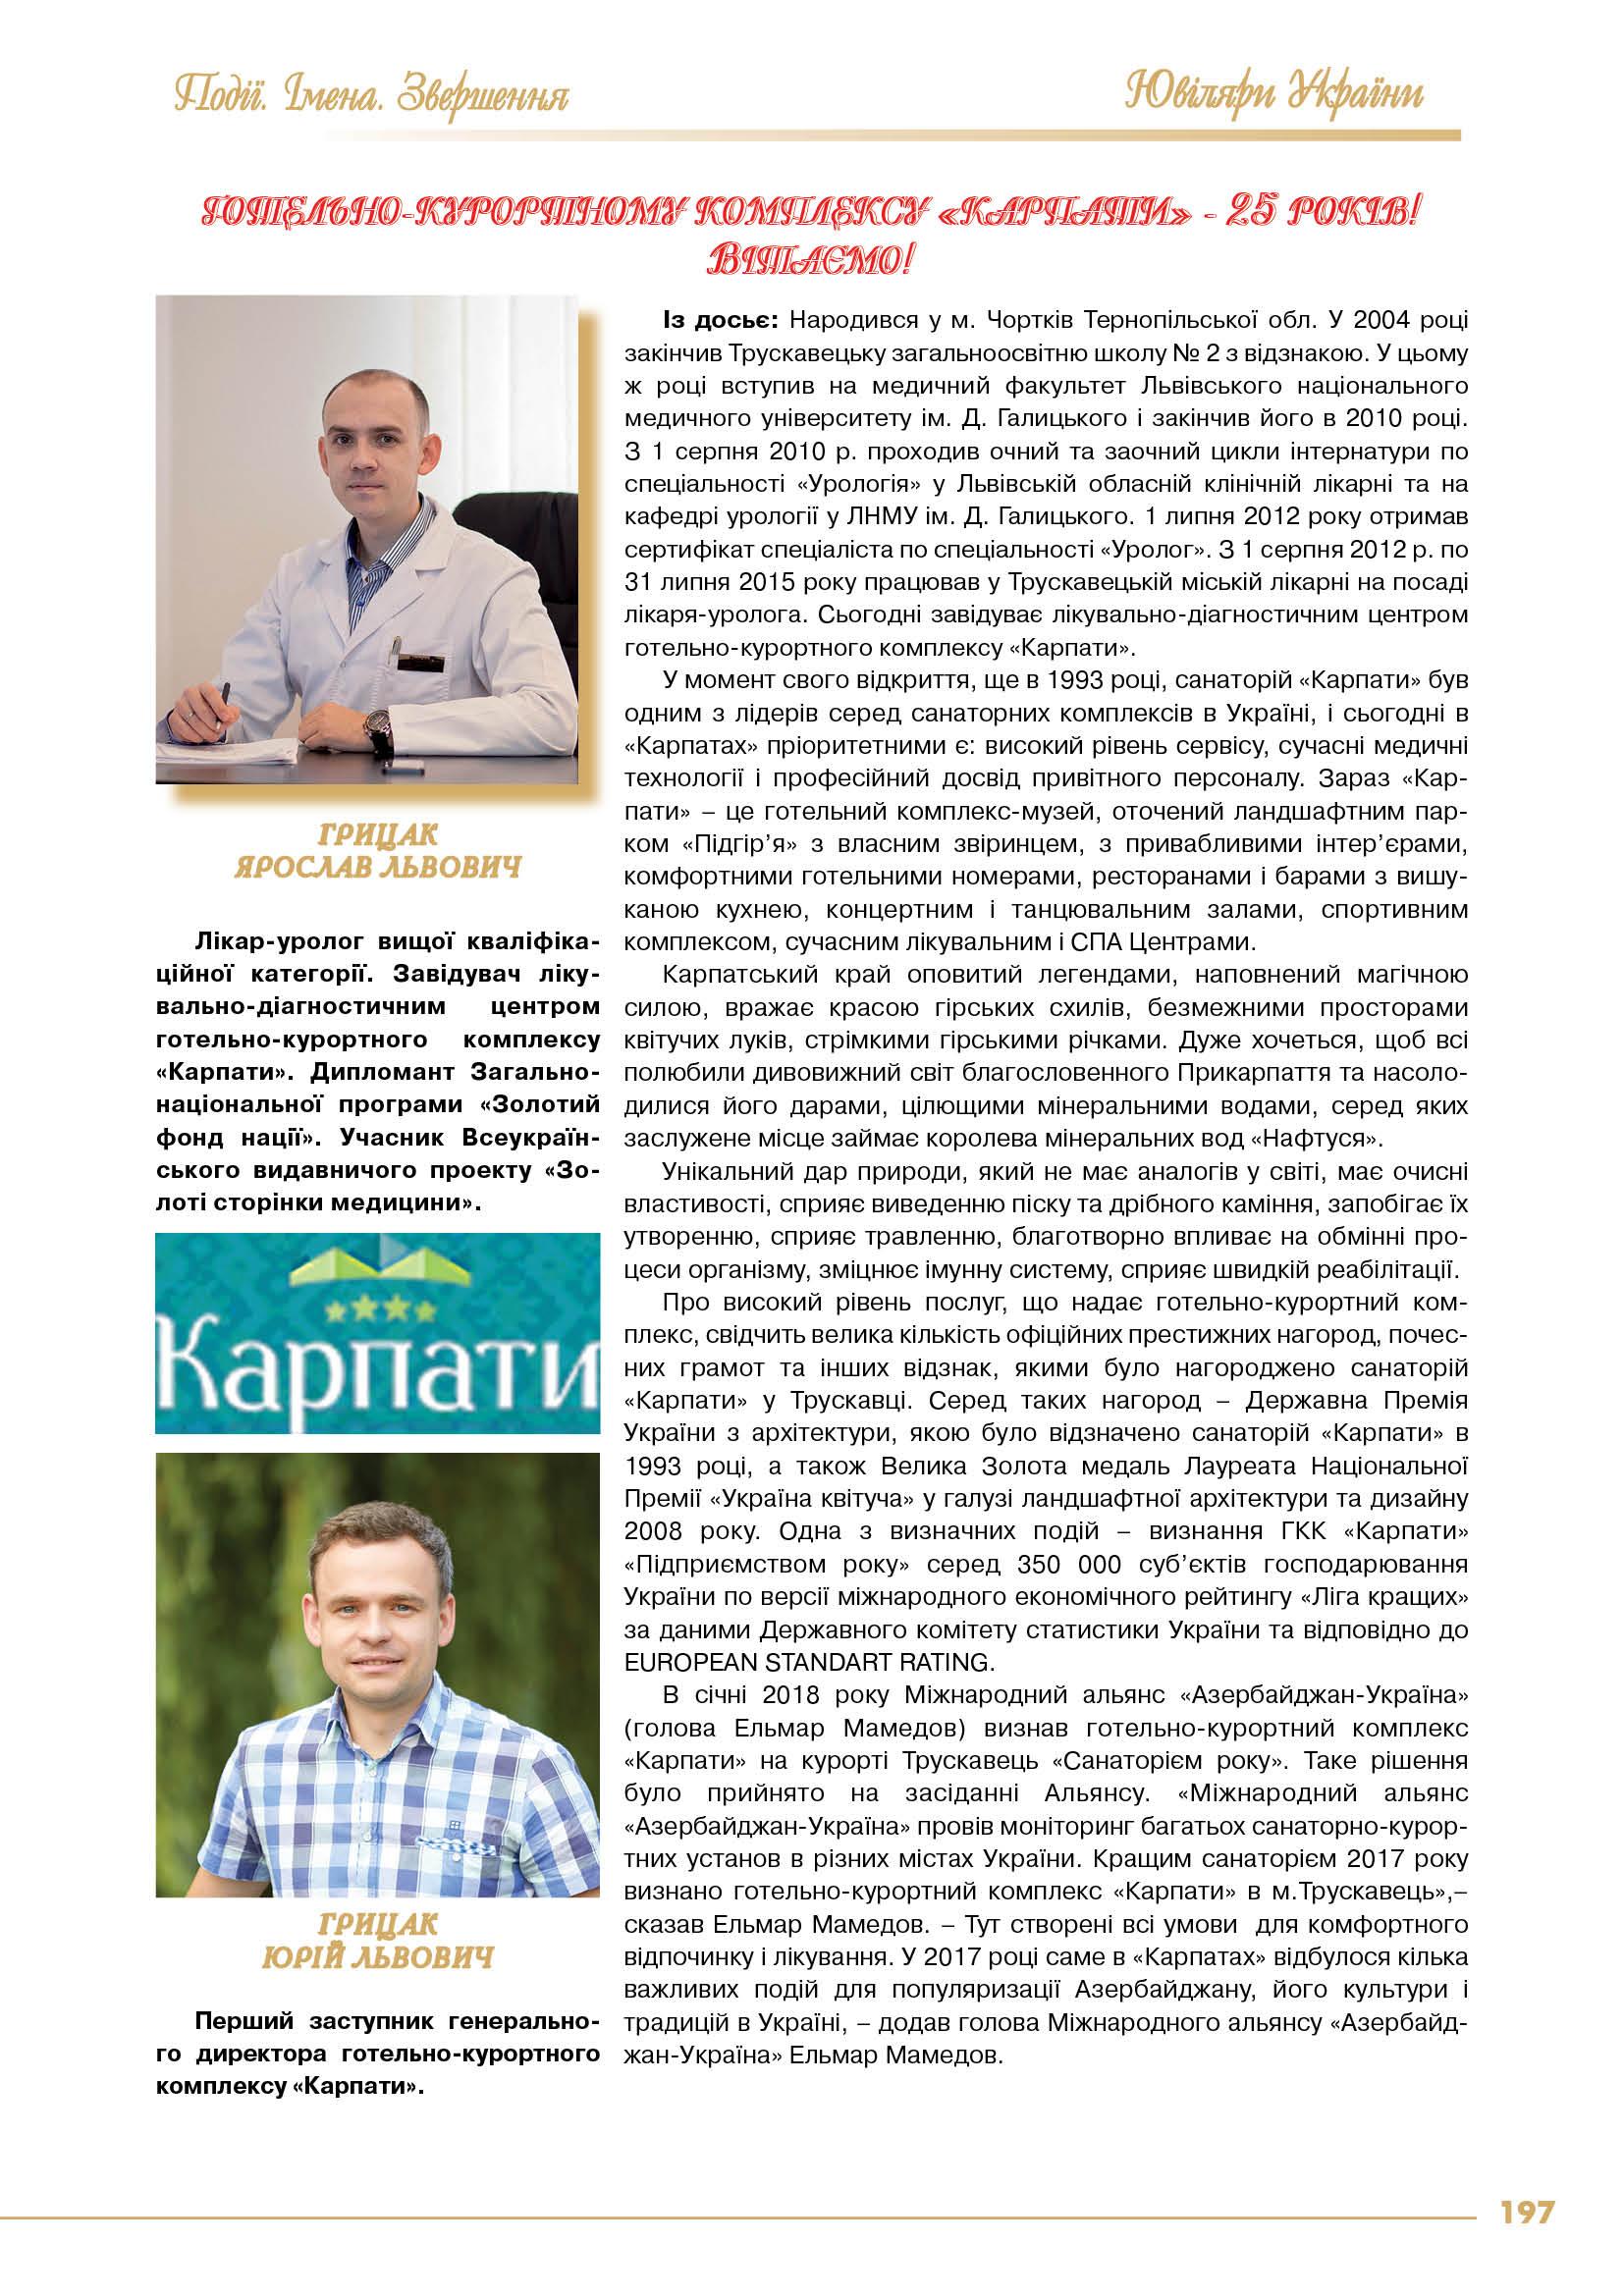 Грицак Ярослав Львович